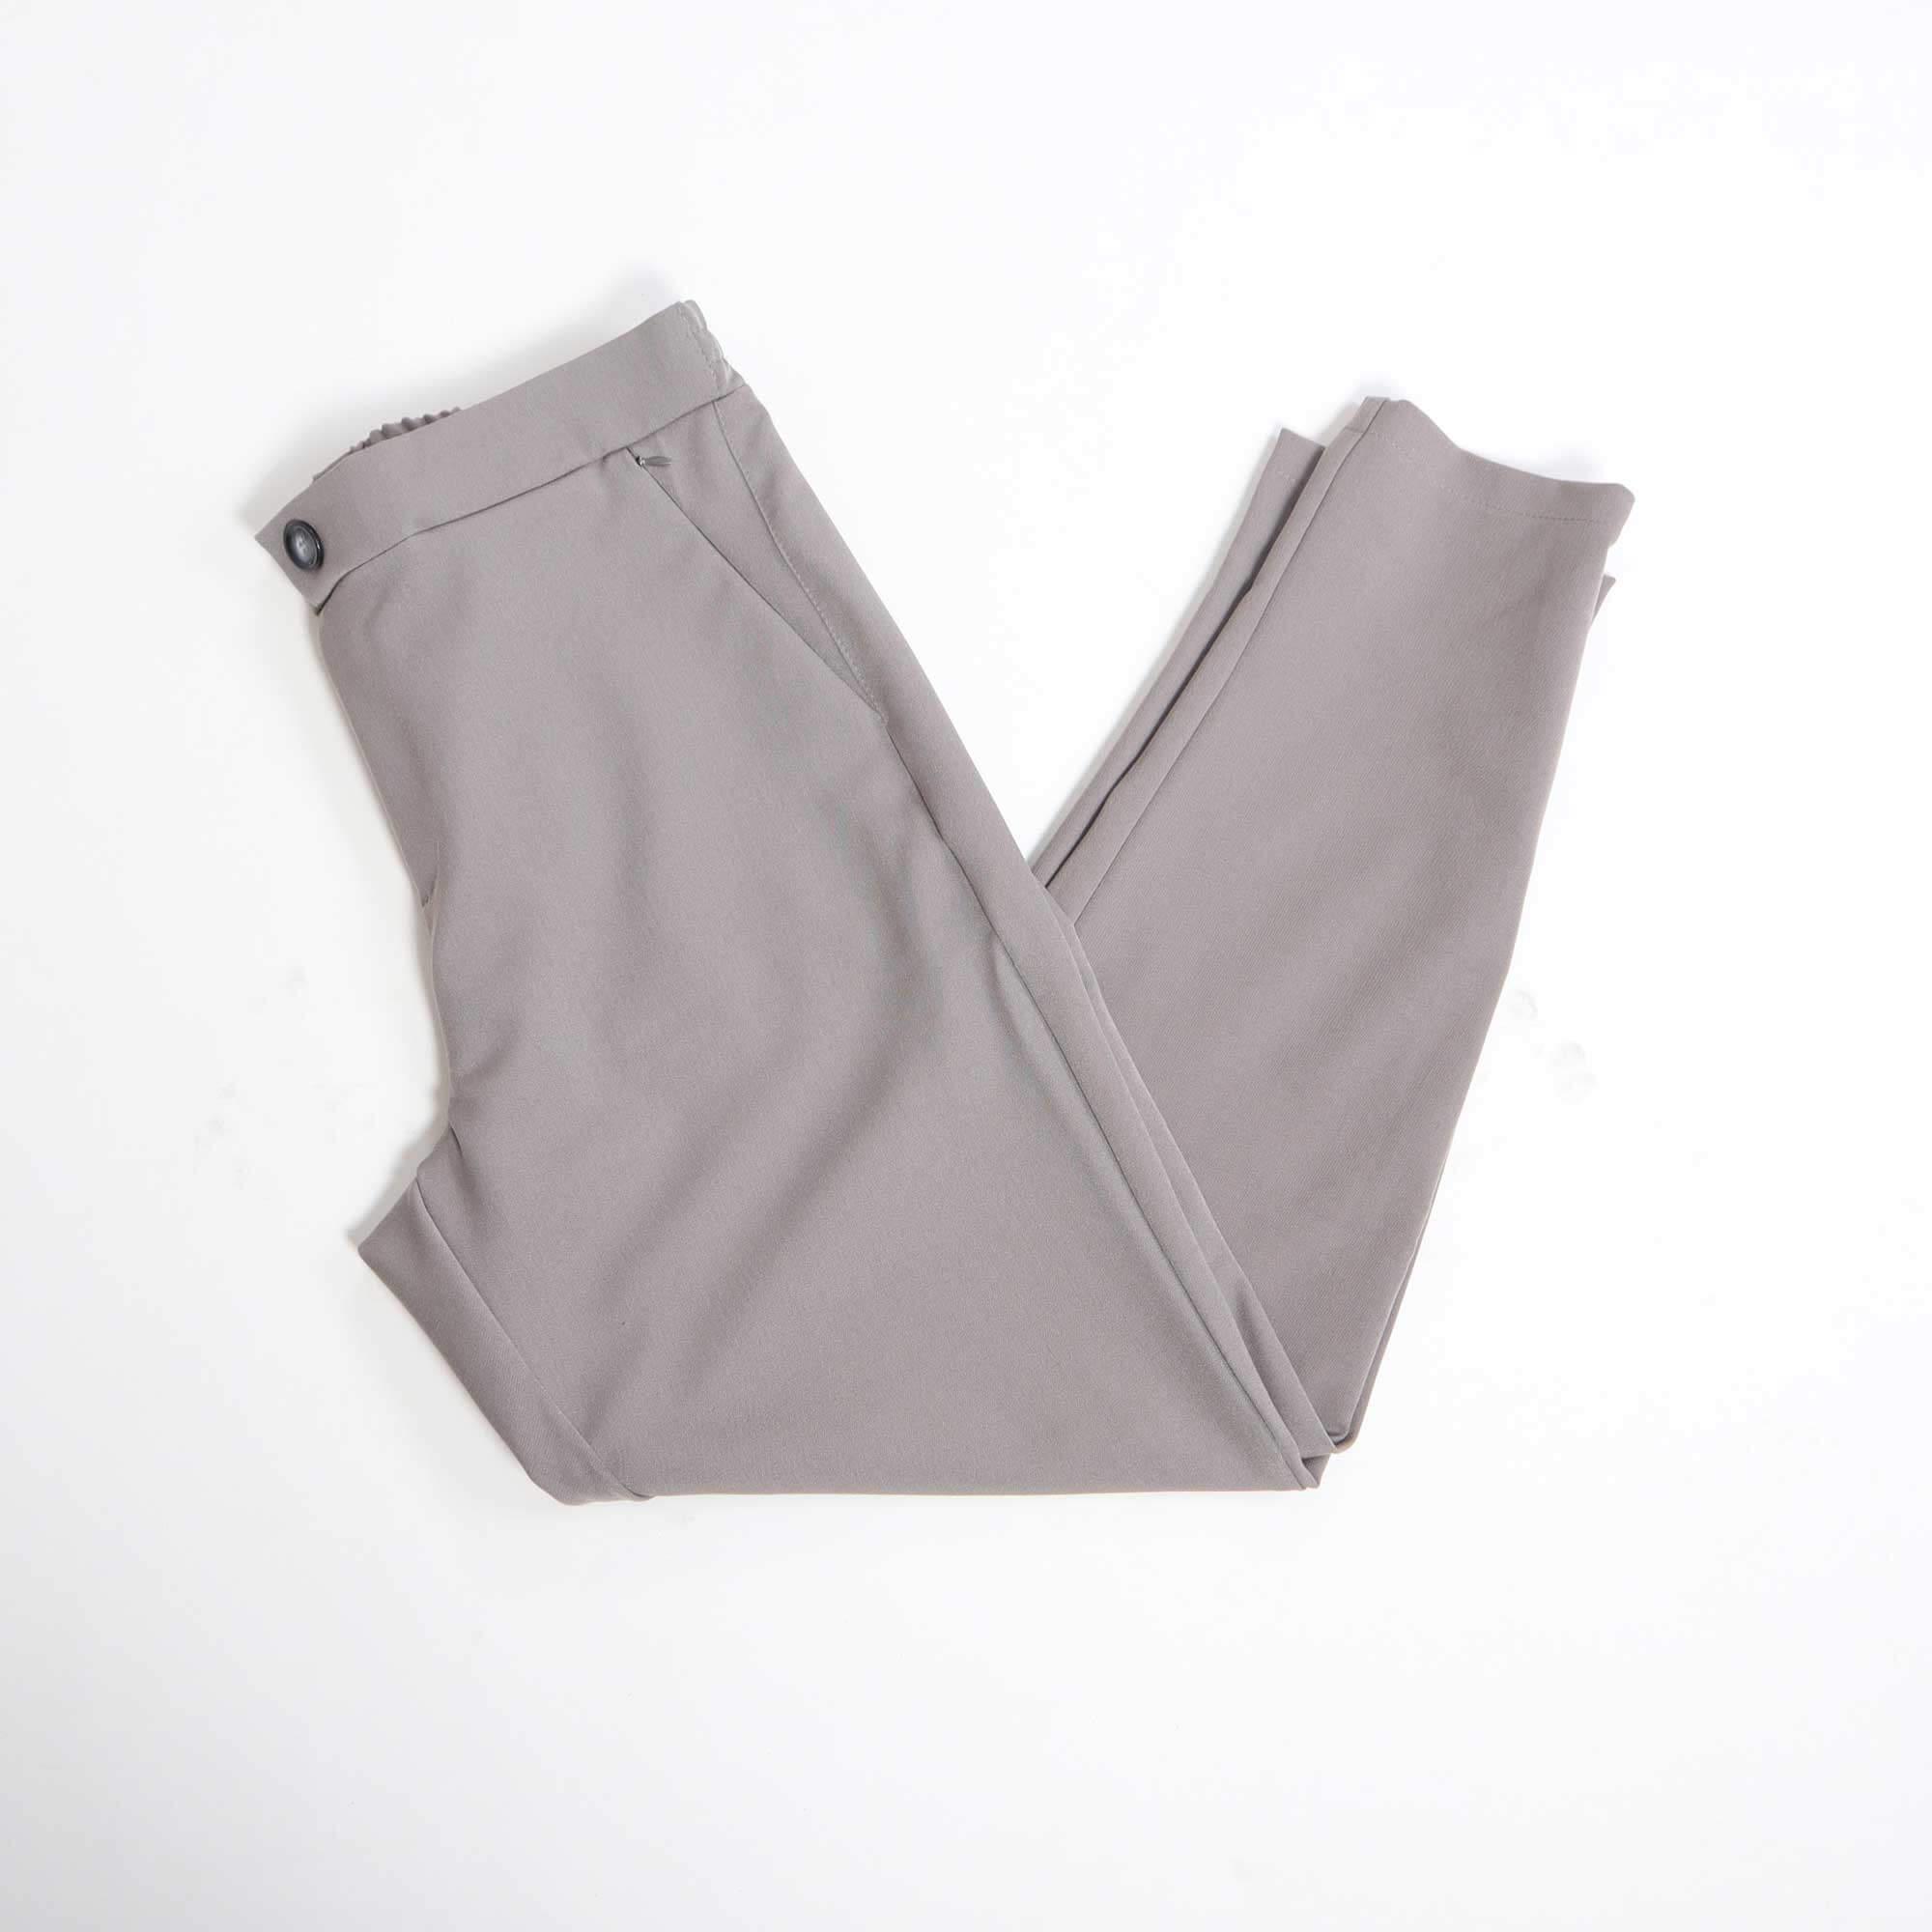 pantalon-lgrijs-7